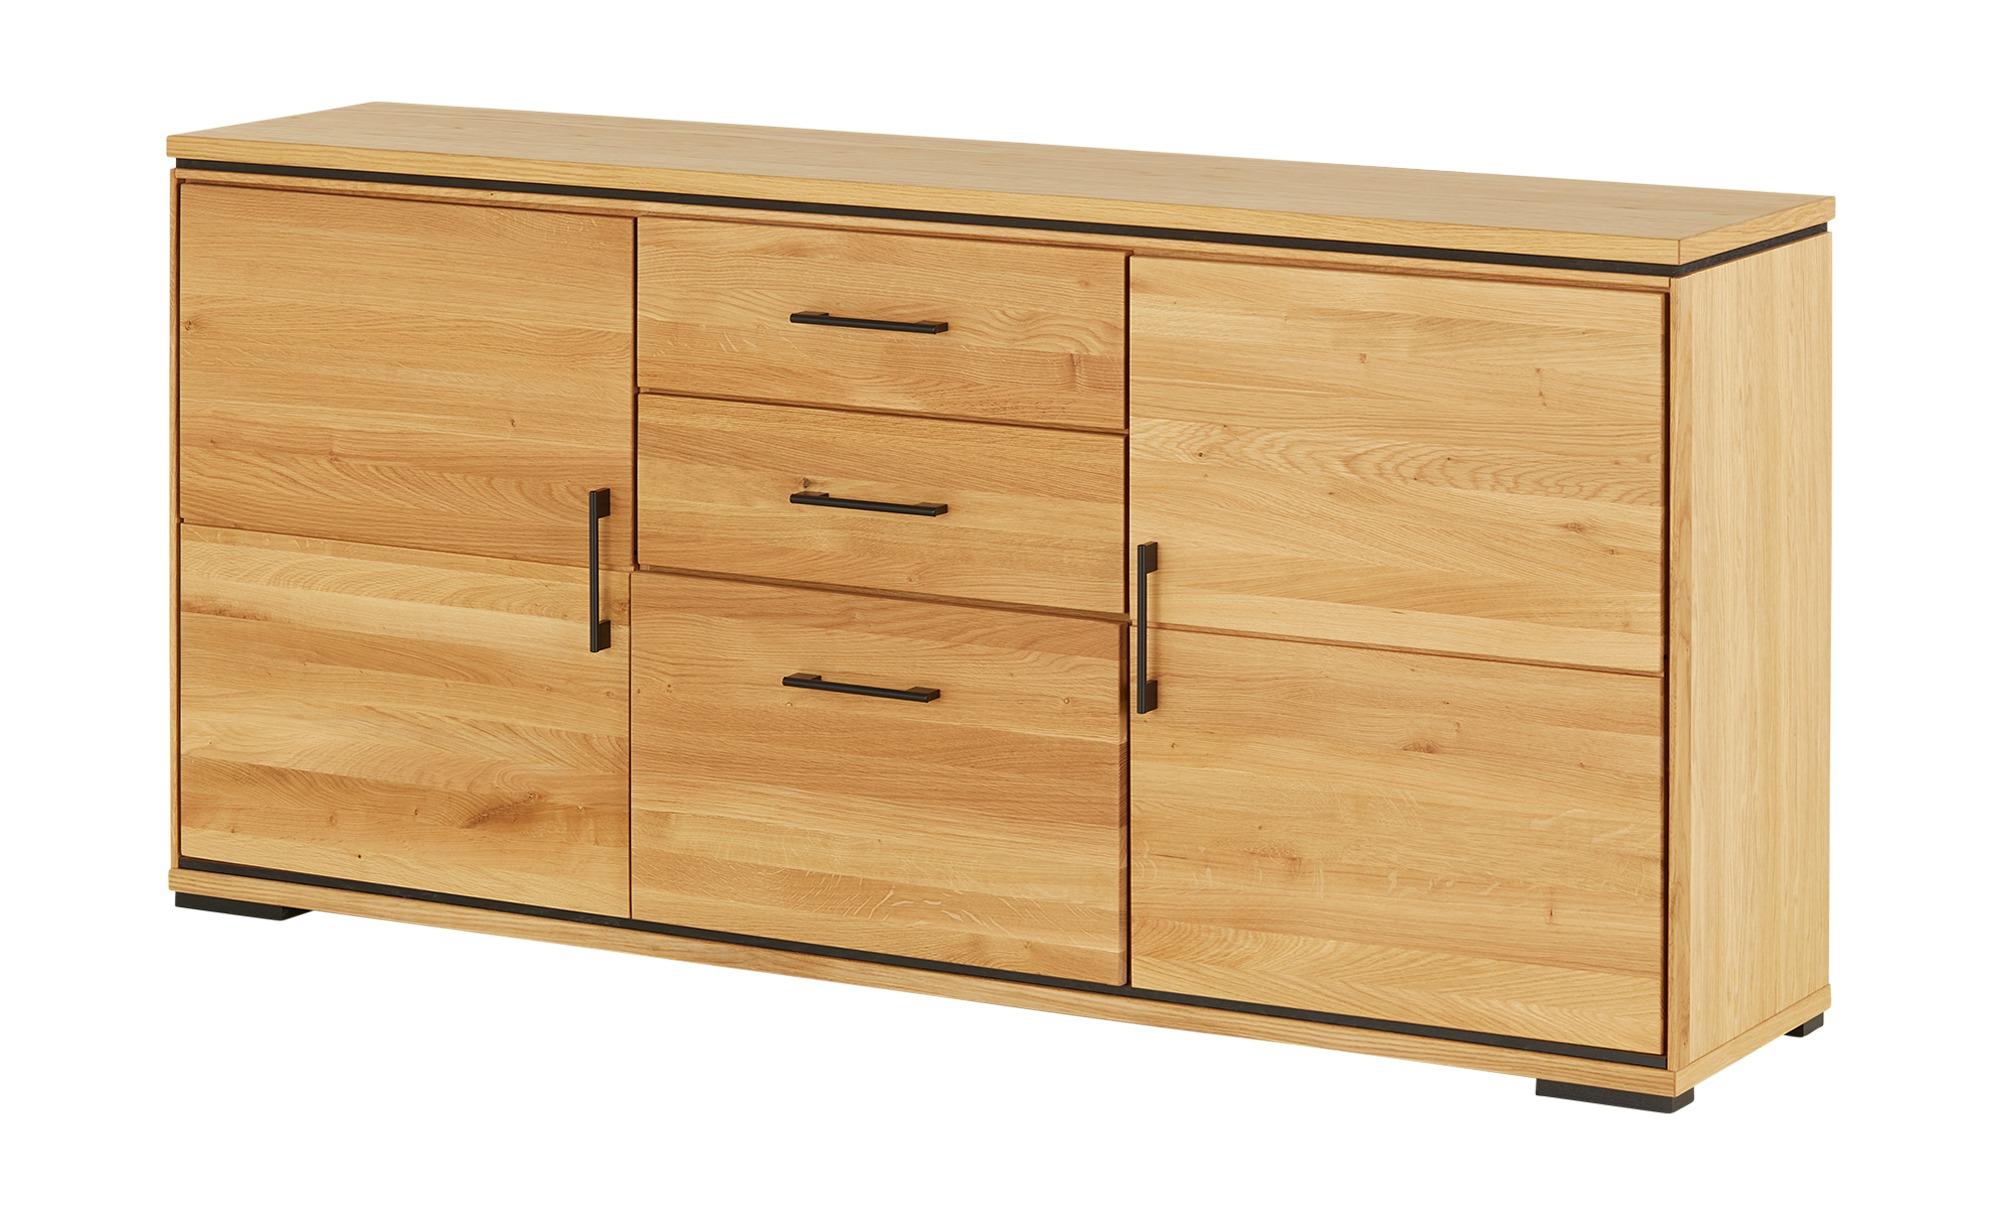 Woodford Sideboard  Modea-Black ¦ holzfarben ¦ Maße (cm): B: 185 H: 87,9 T: 43 Kommoden & Sideboards > Sideboards - Höffner